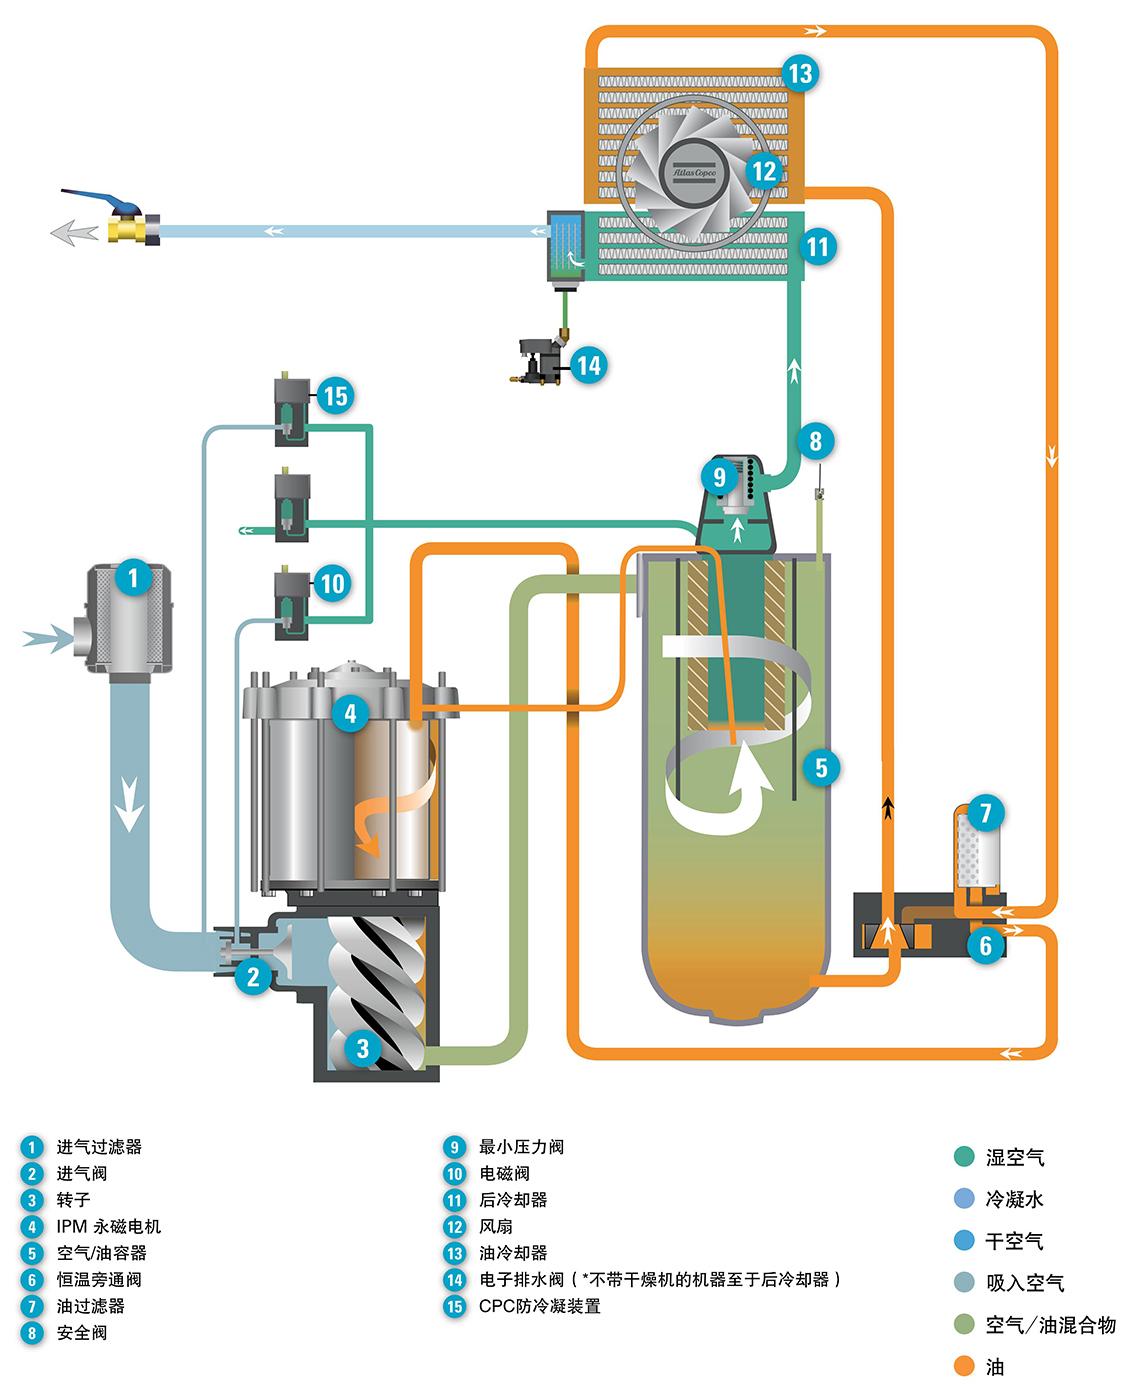 阿特拉斯喷油螺杆压缩机GA 37-75 VSD + 流程图